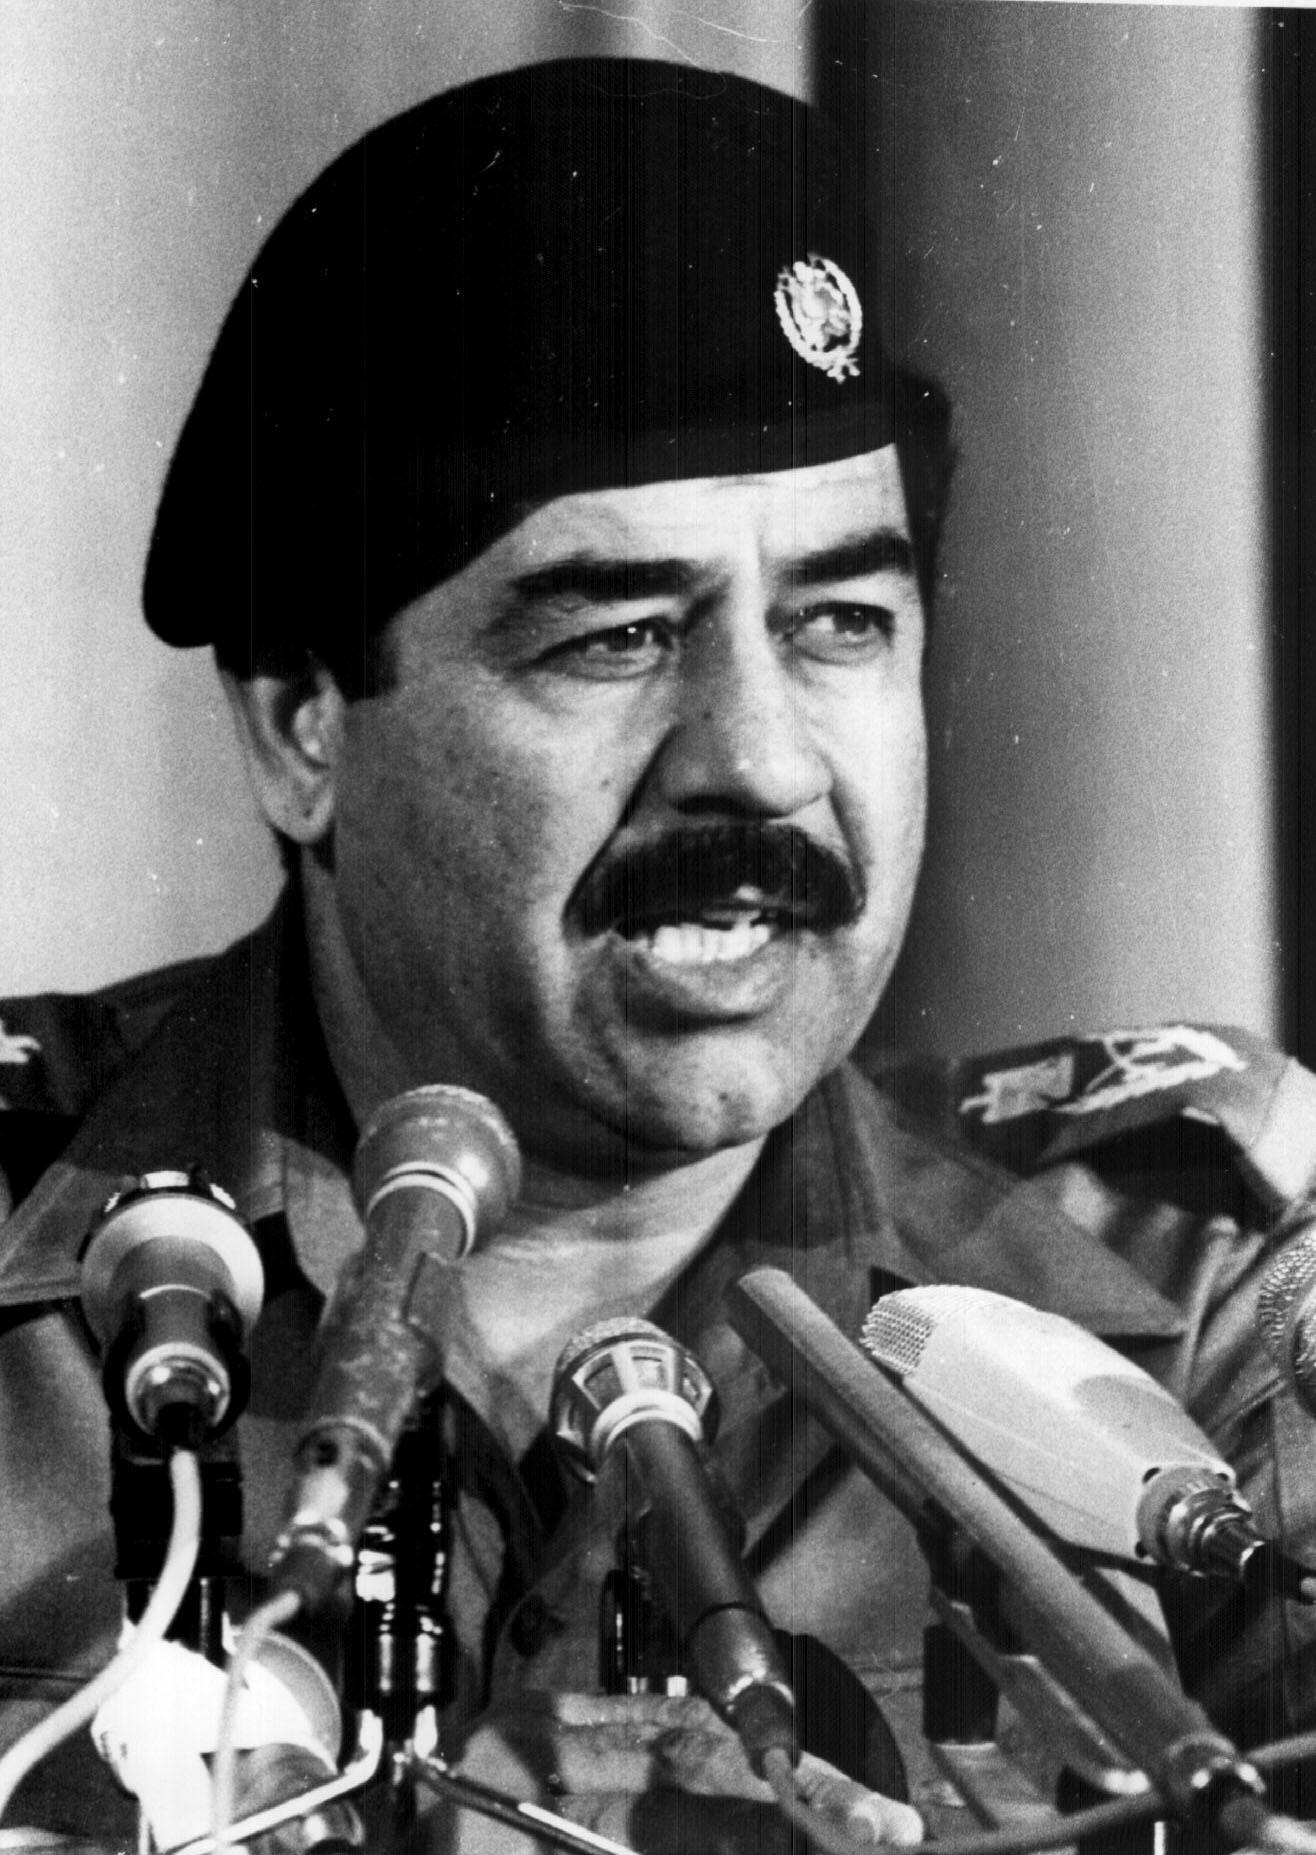 صور صدام حسين , صور الرئيس العراقي صدام حسين